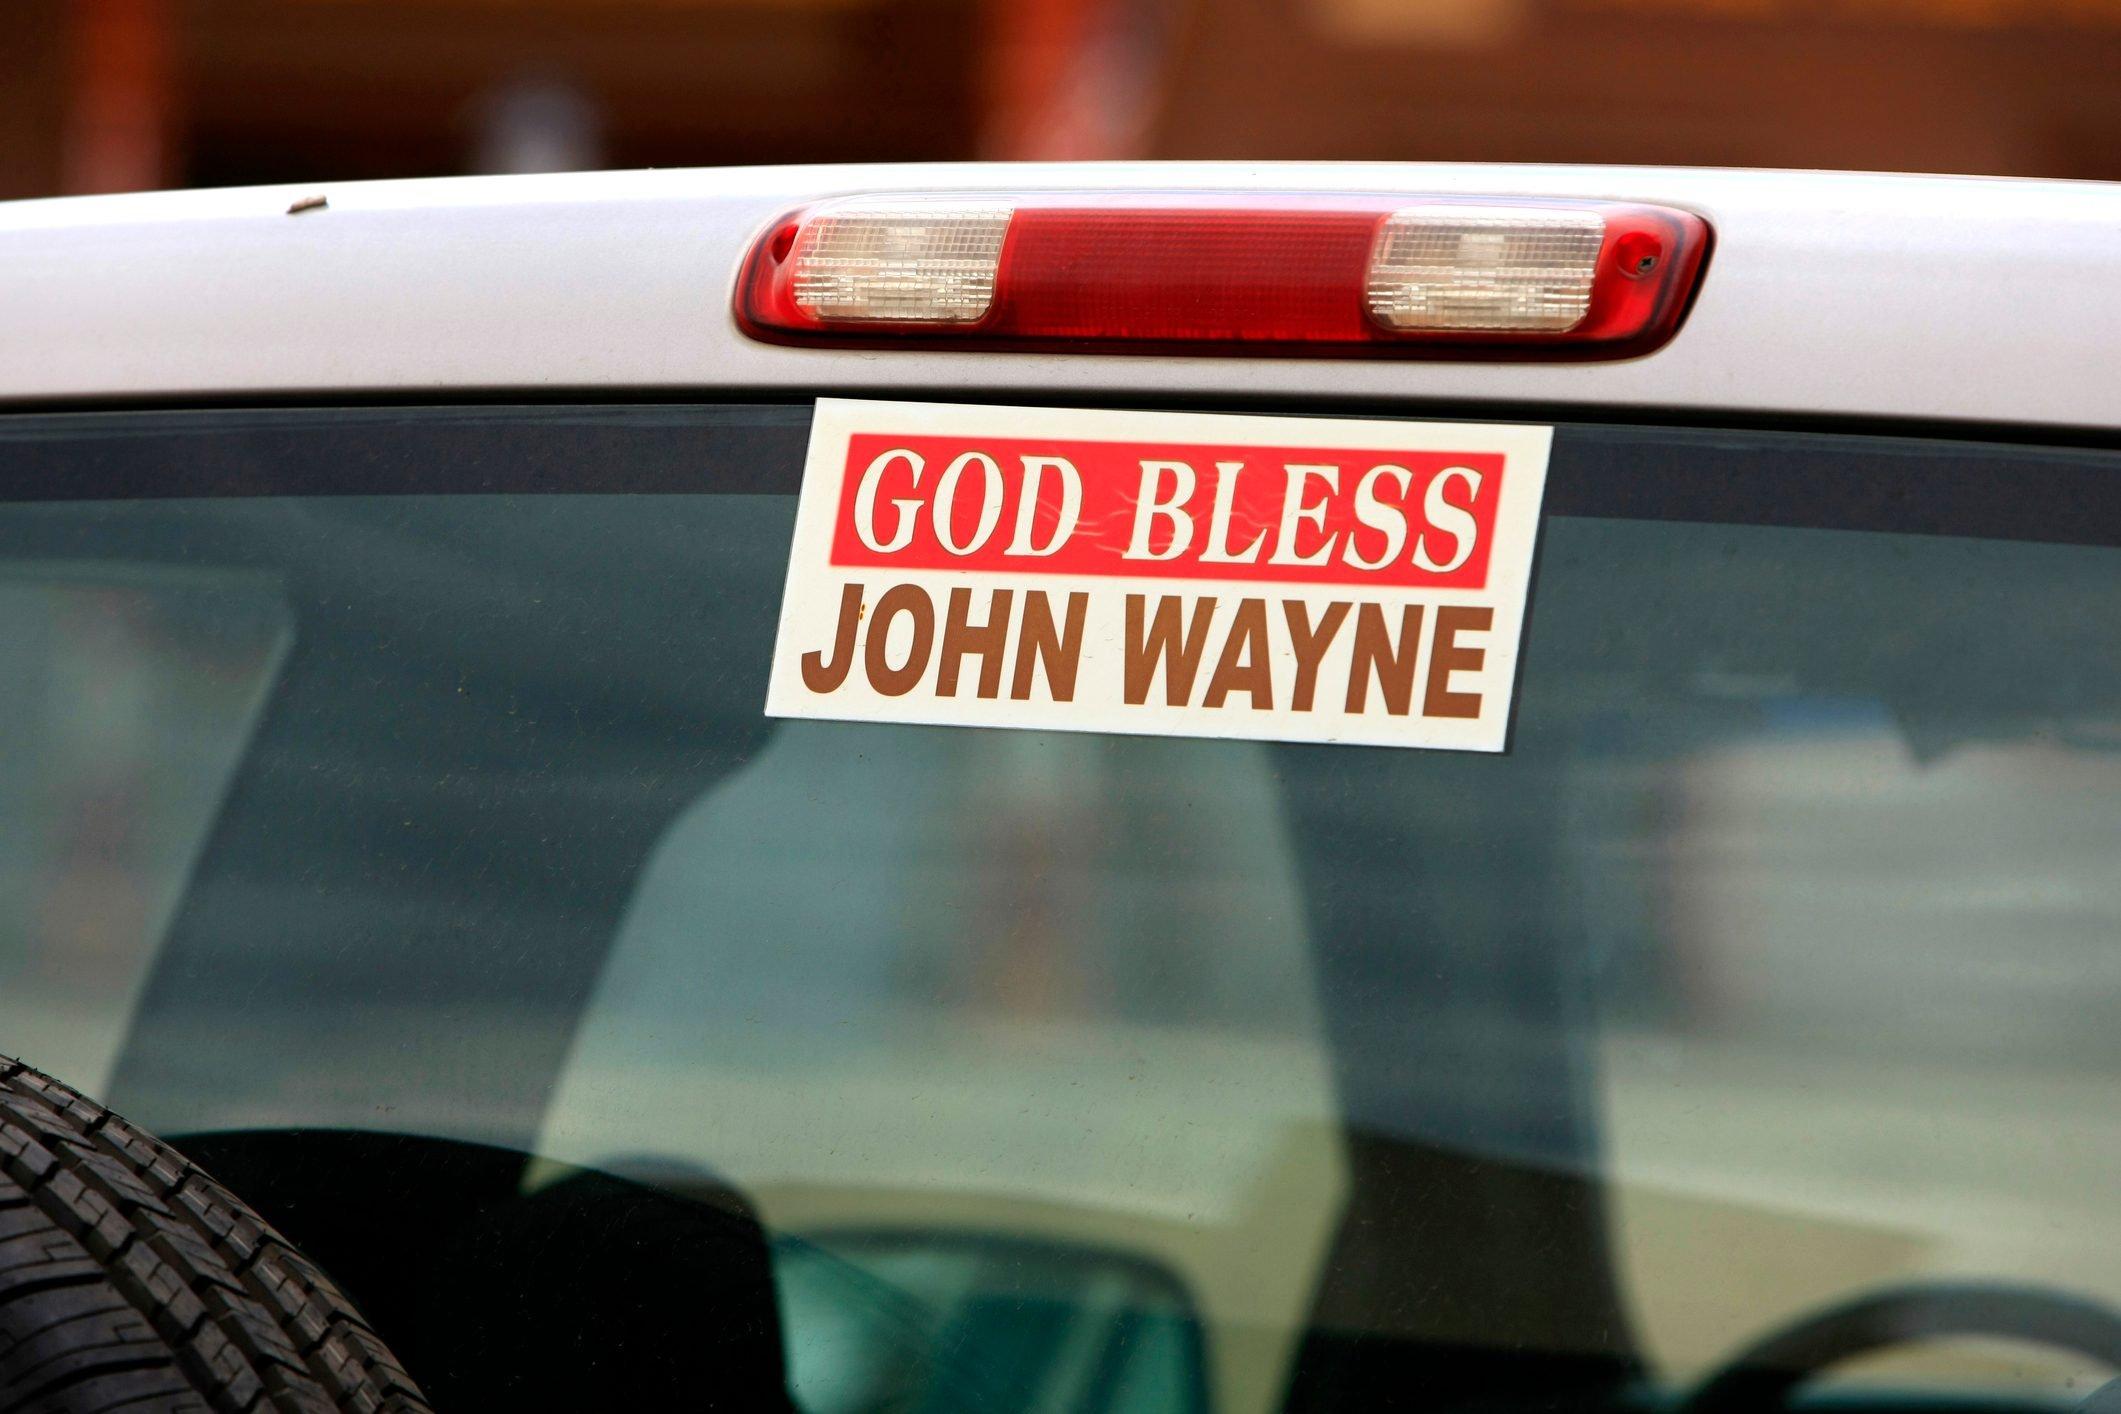 God Bless John Wayne bumper sticker on the rear window of a truck seen in Tombstone, Arizona